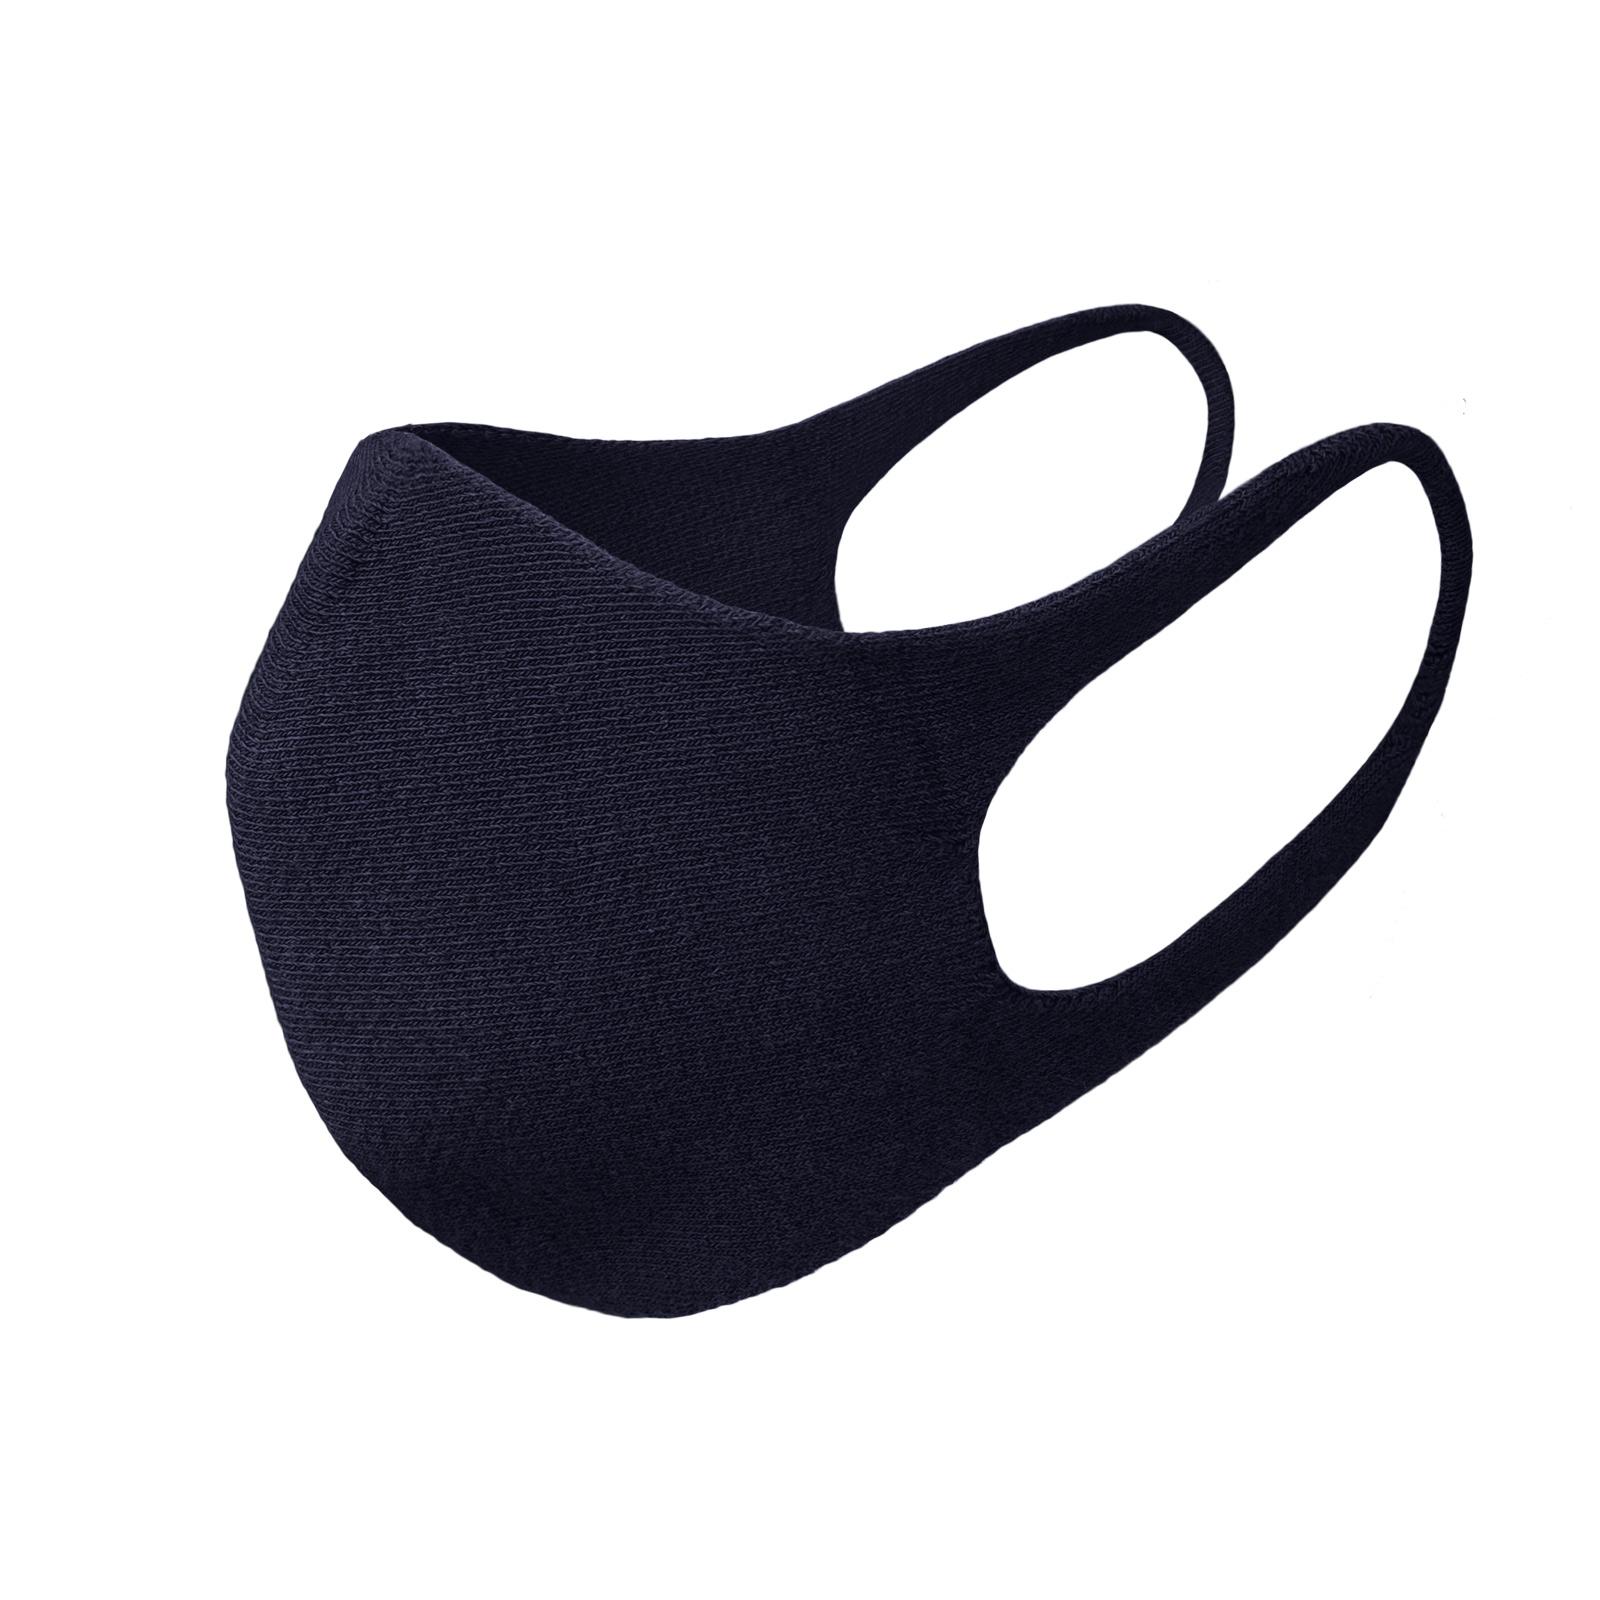 超立体 やさしくつつみマスク オーガニックコットン ニット M L 日本製 婦人 紳士